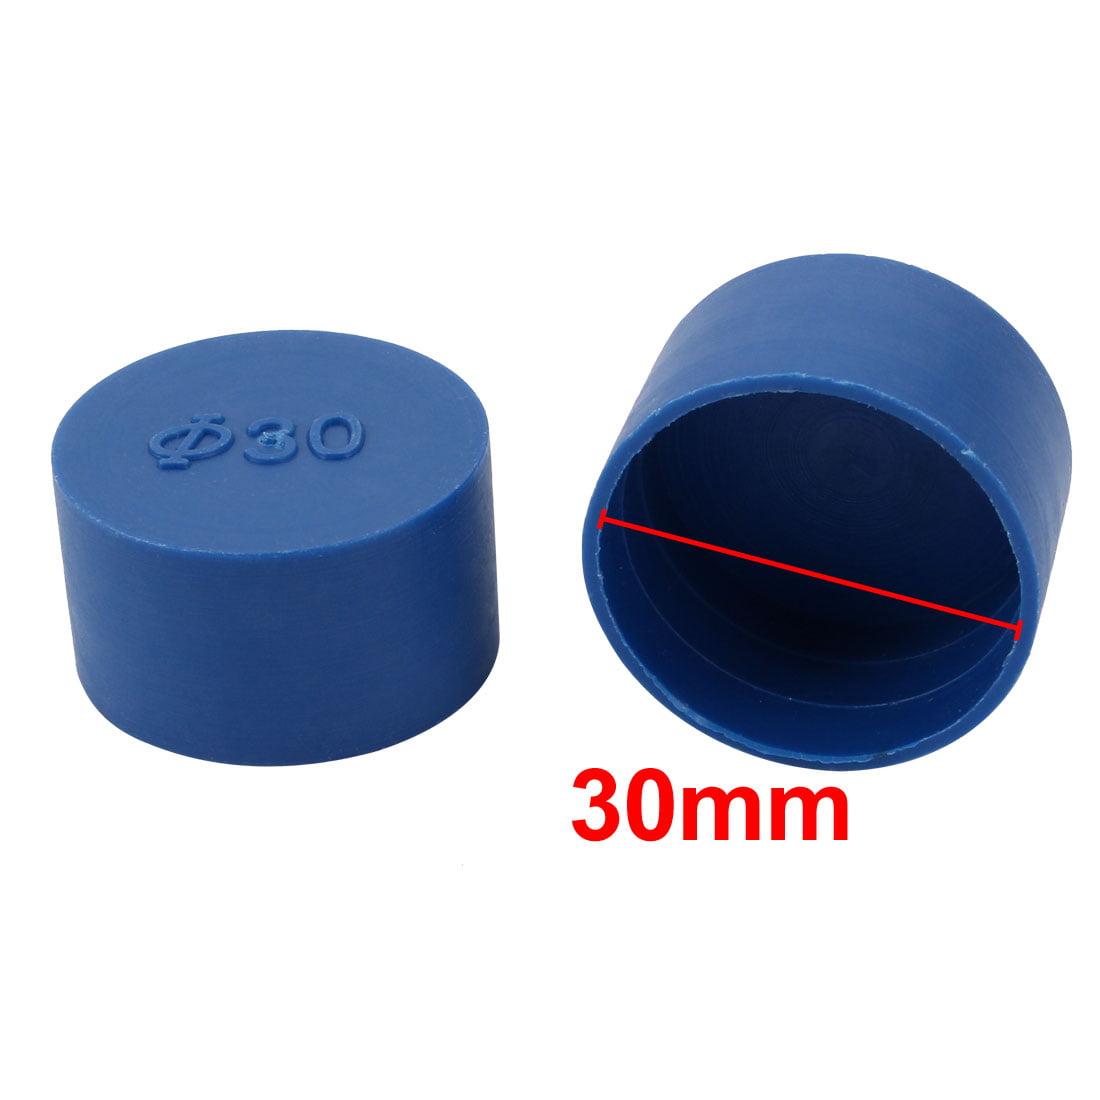 60pcs 30mm Inner Dia PE Plastic End Cap Bolt Thread Protector Tube Cover Blue - image 1 de 2